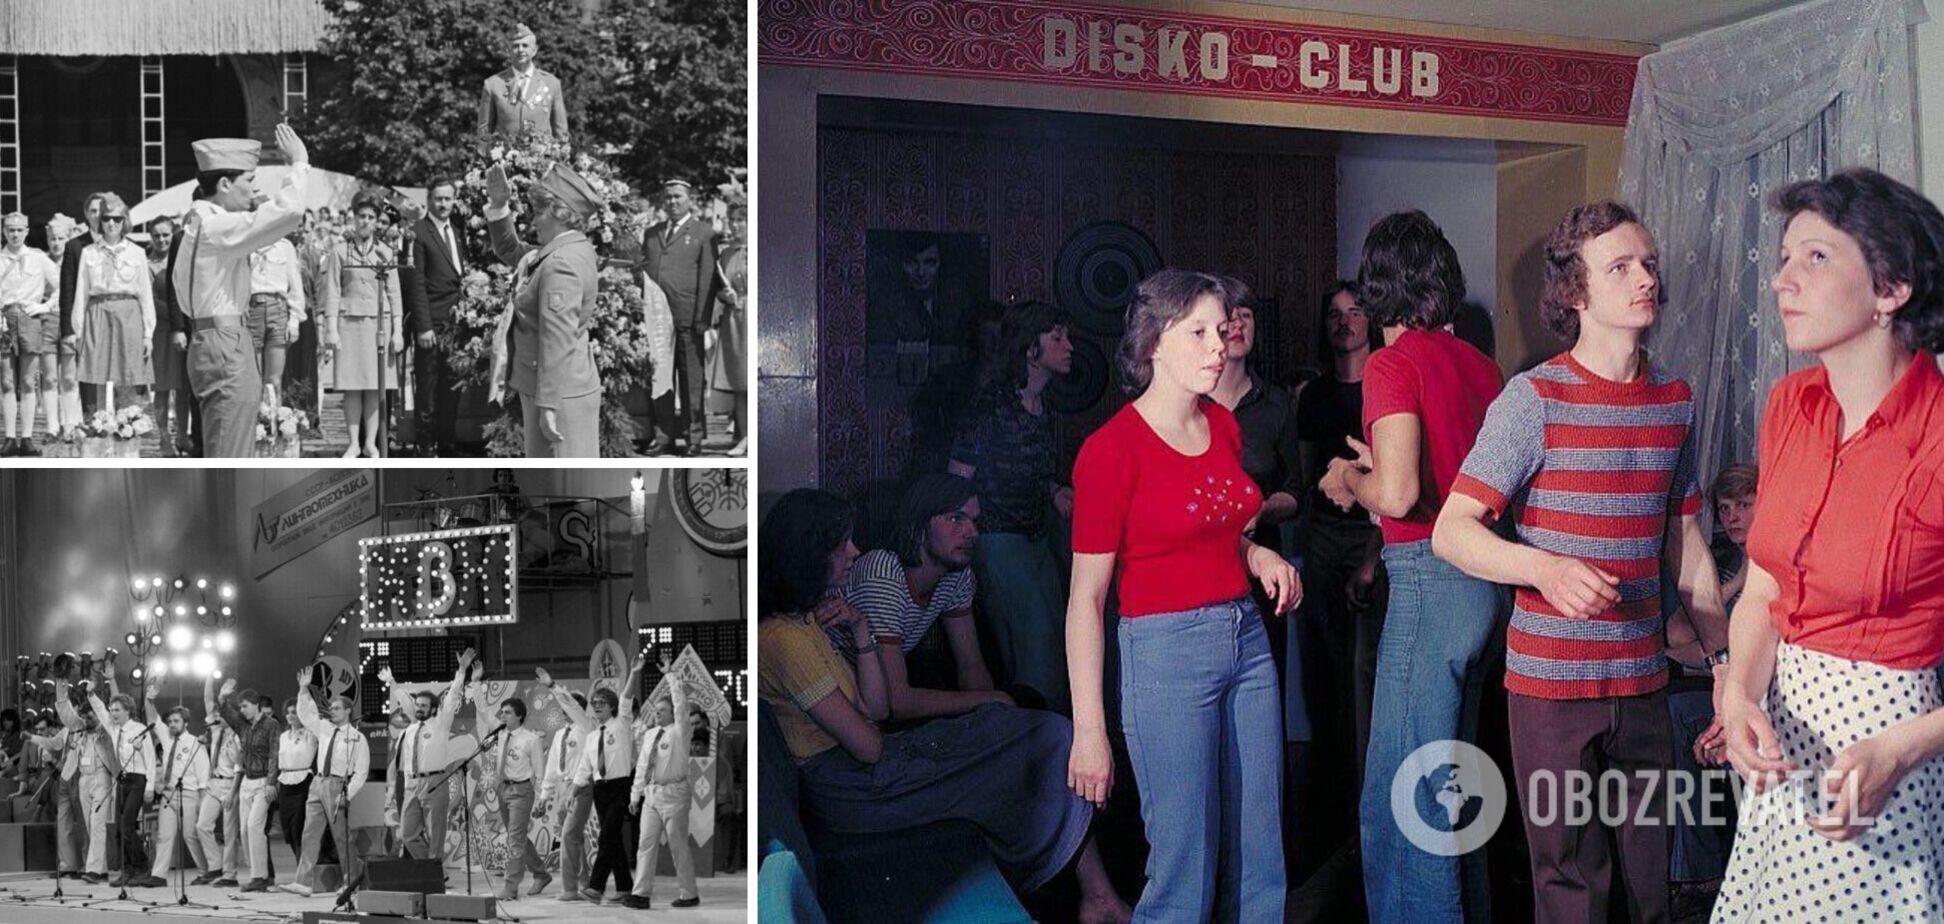 Студенти відвідували дискотеки і були учасниками комсомолу